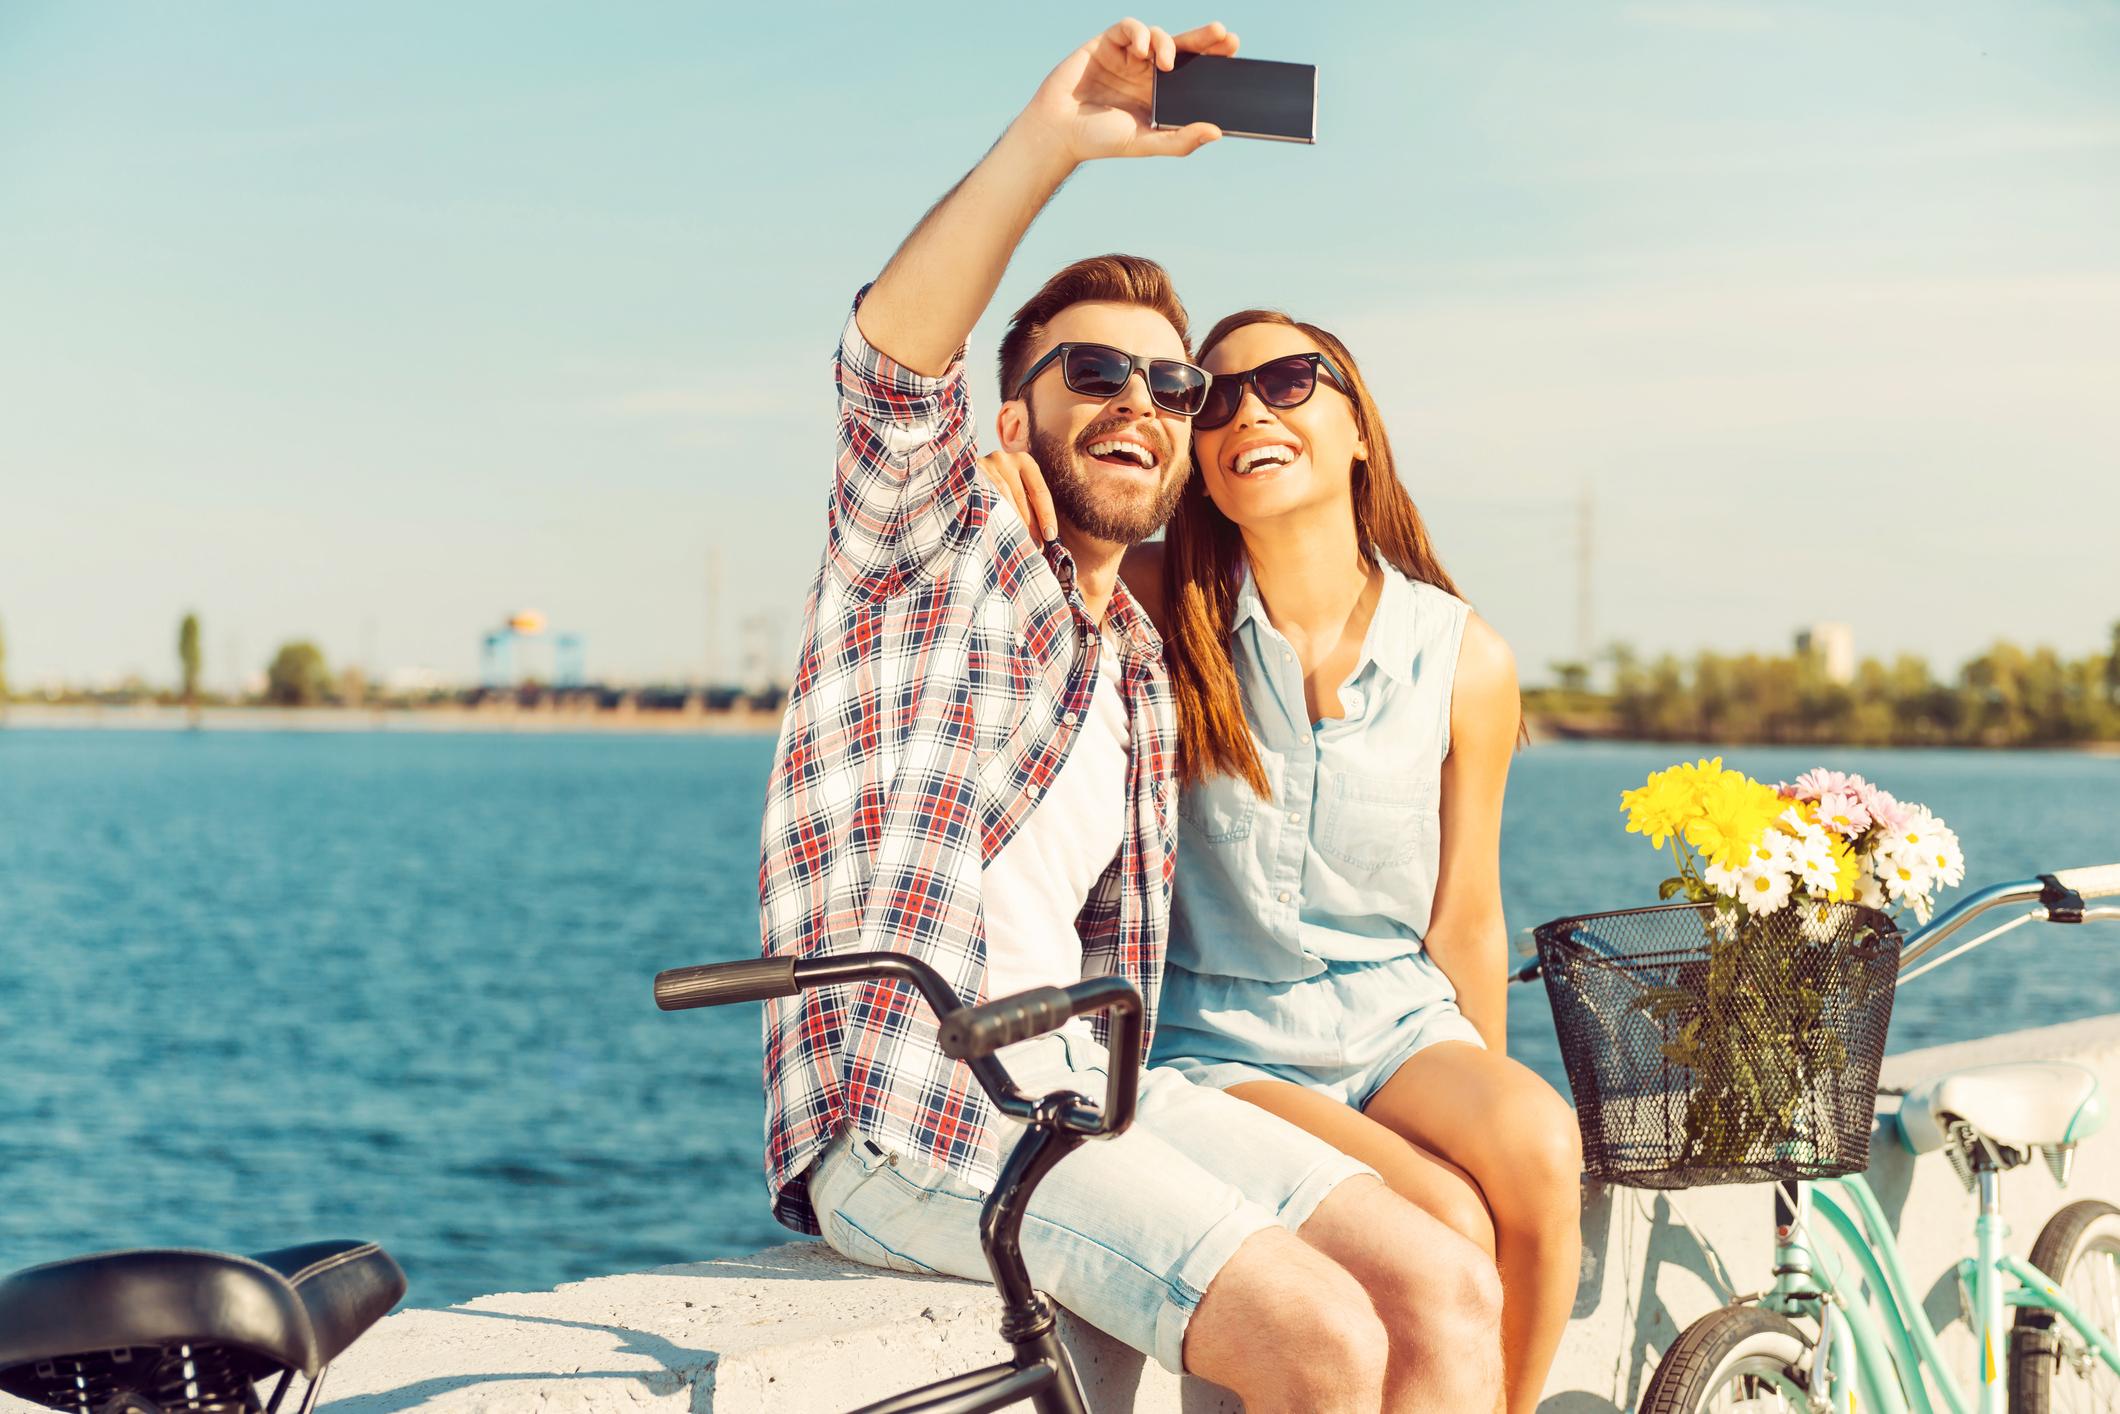 Ποια είναι η νόμιμη ηλικία για dating στη Φλόριντα